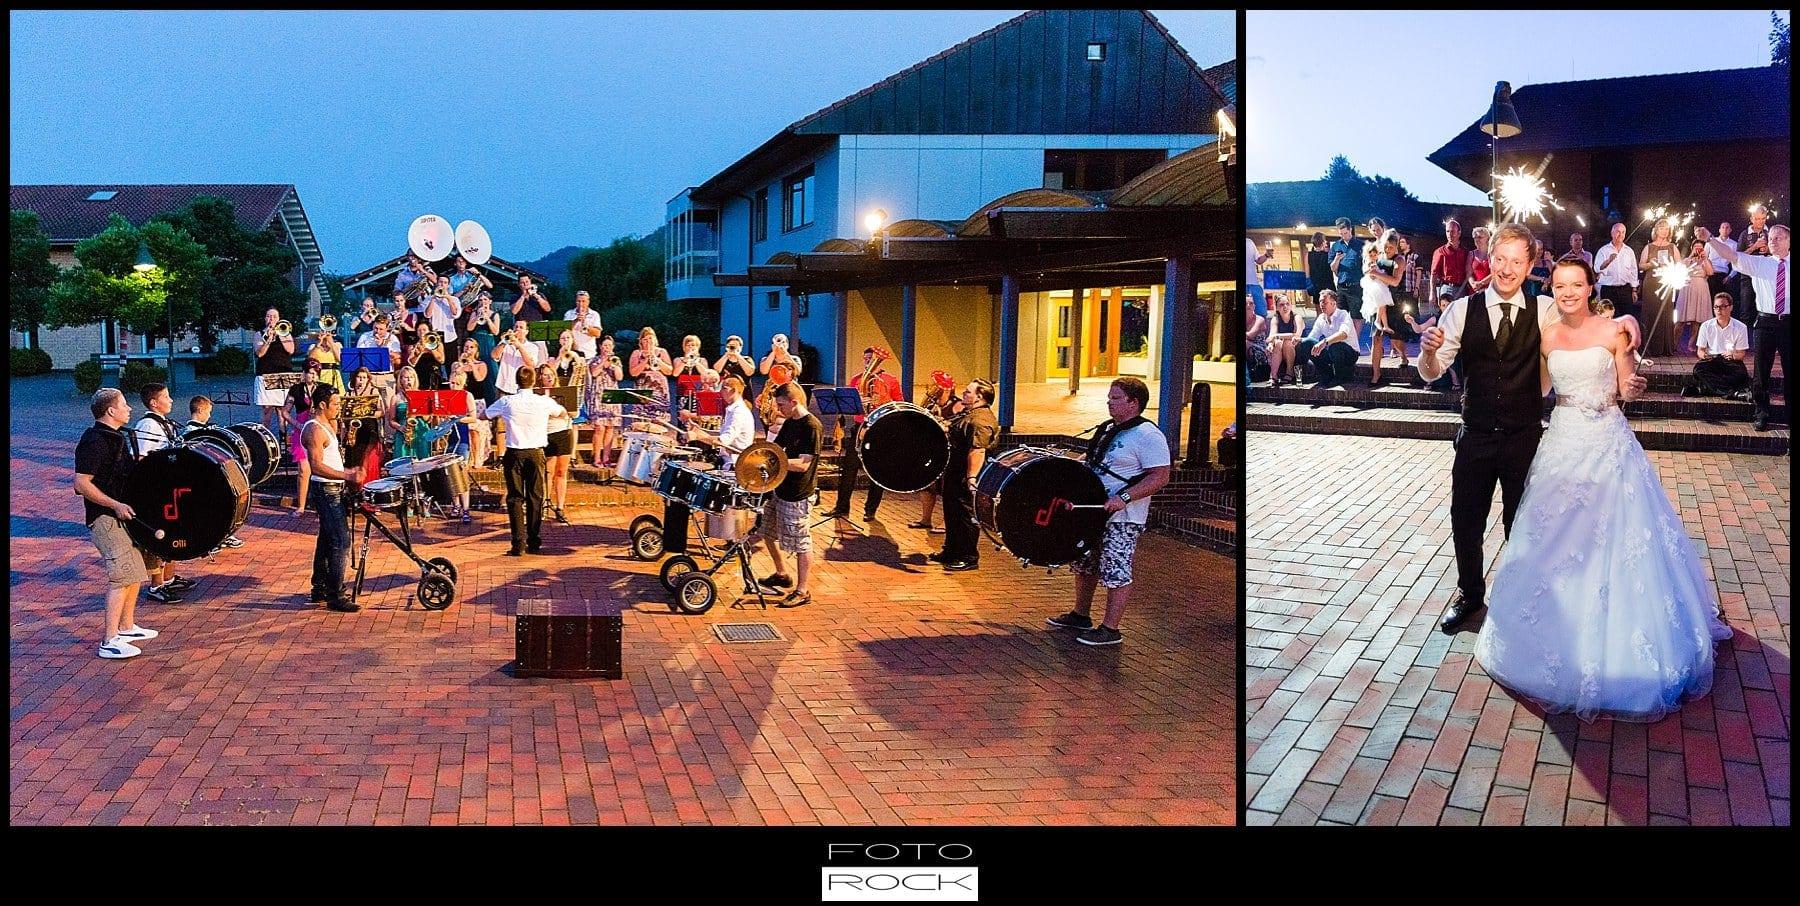 DIY Hochzeit Waldshut-Tiengen Bigband Band Musik Wunderkerzen Outdoor Sonnenuntergang Brautpaar